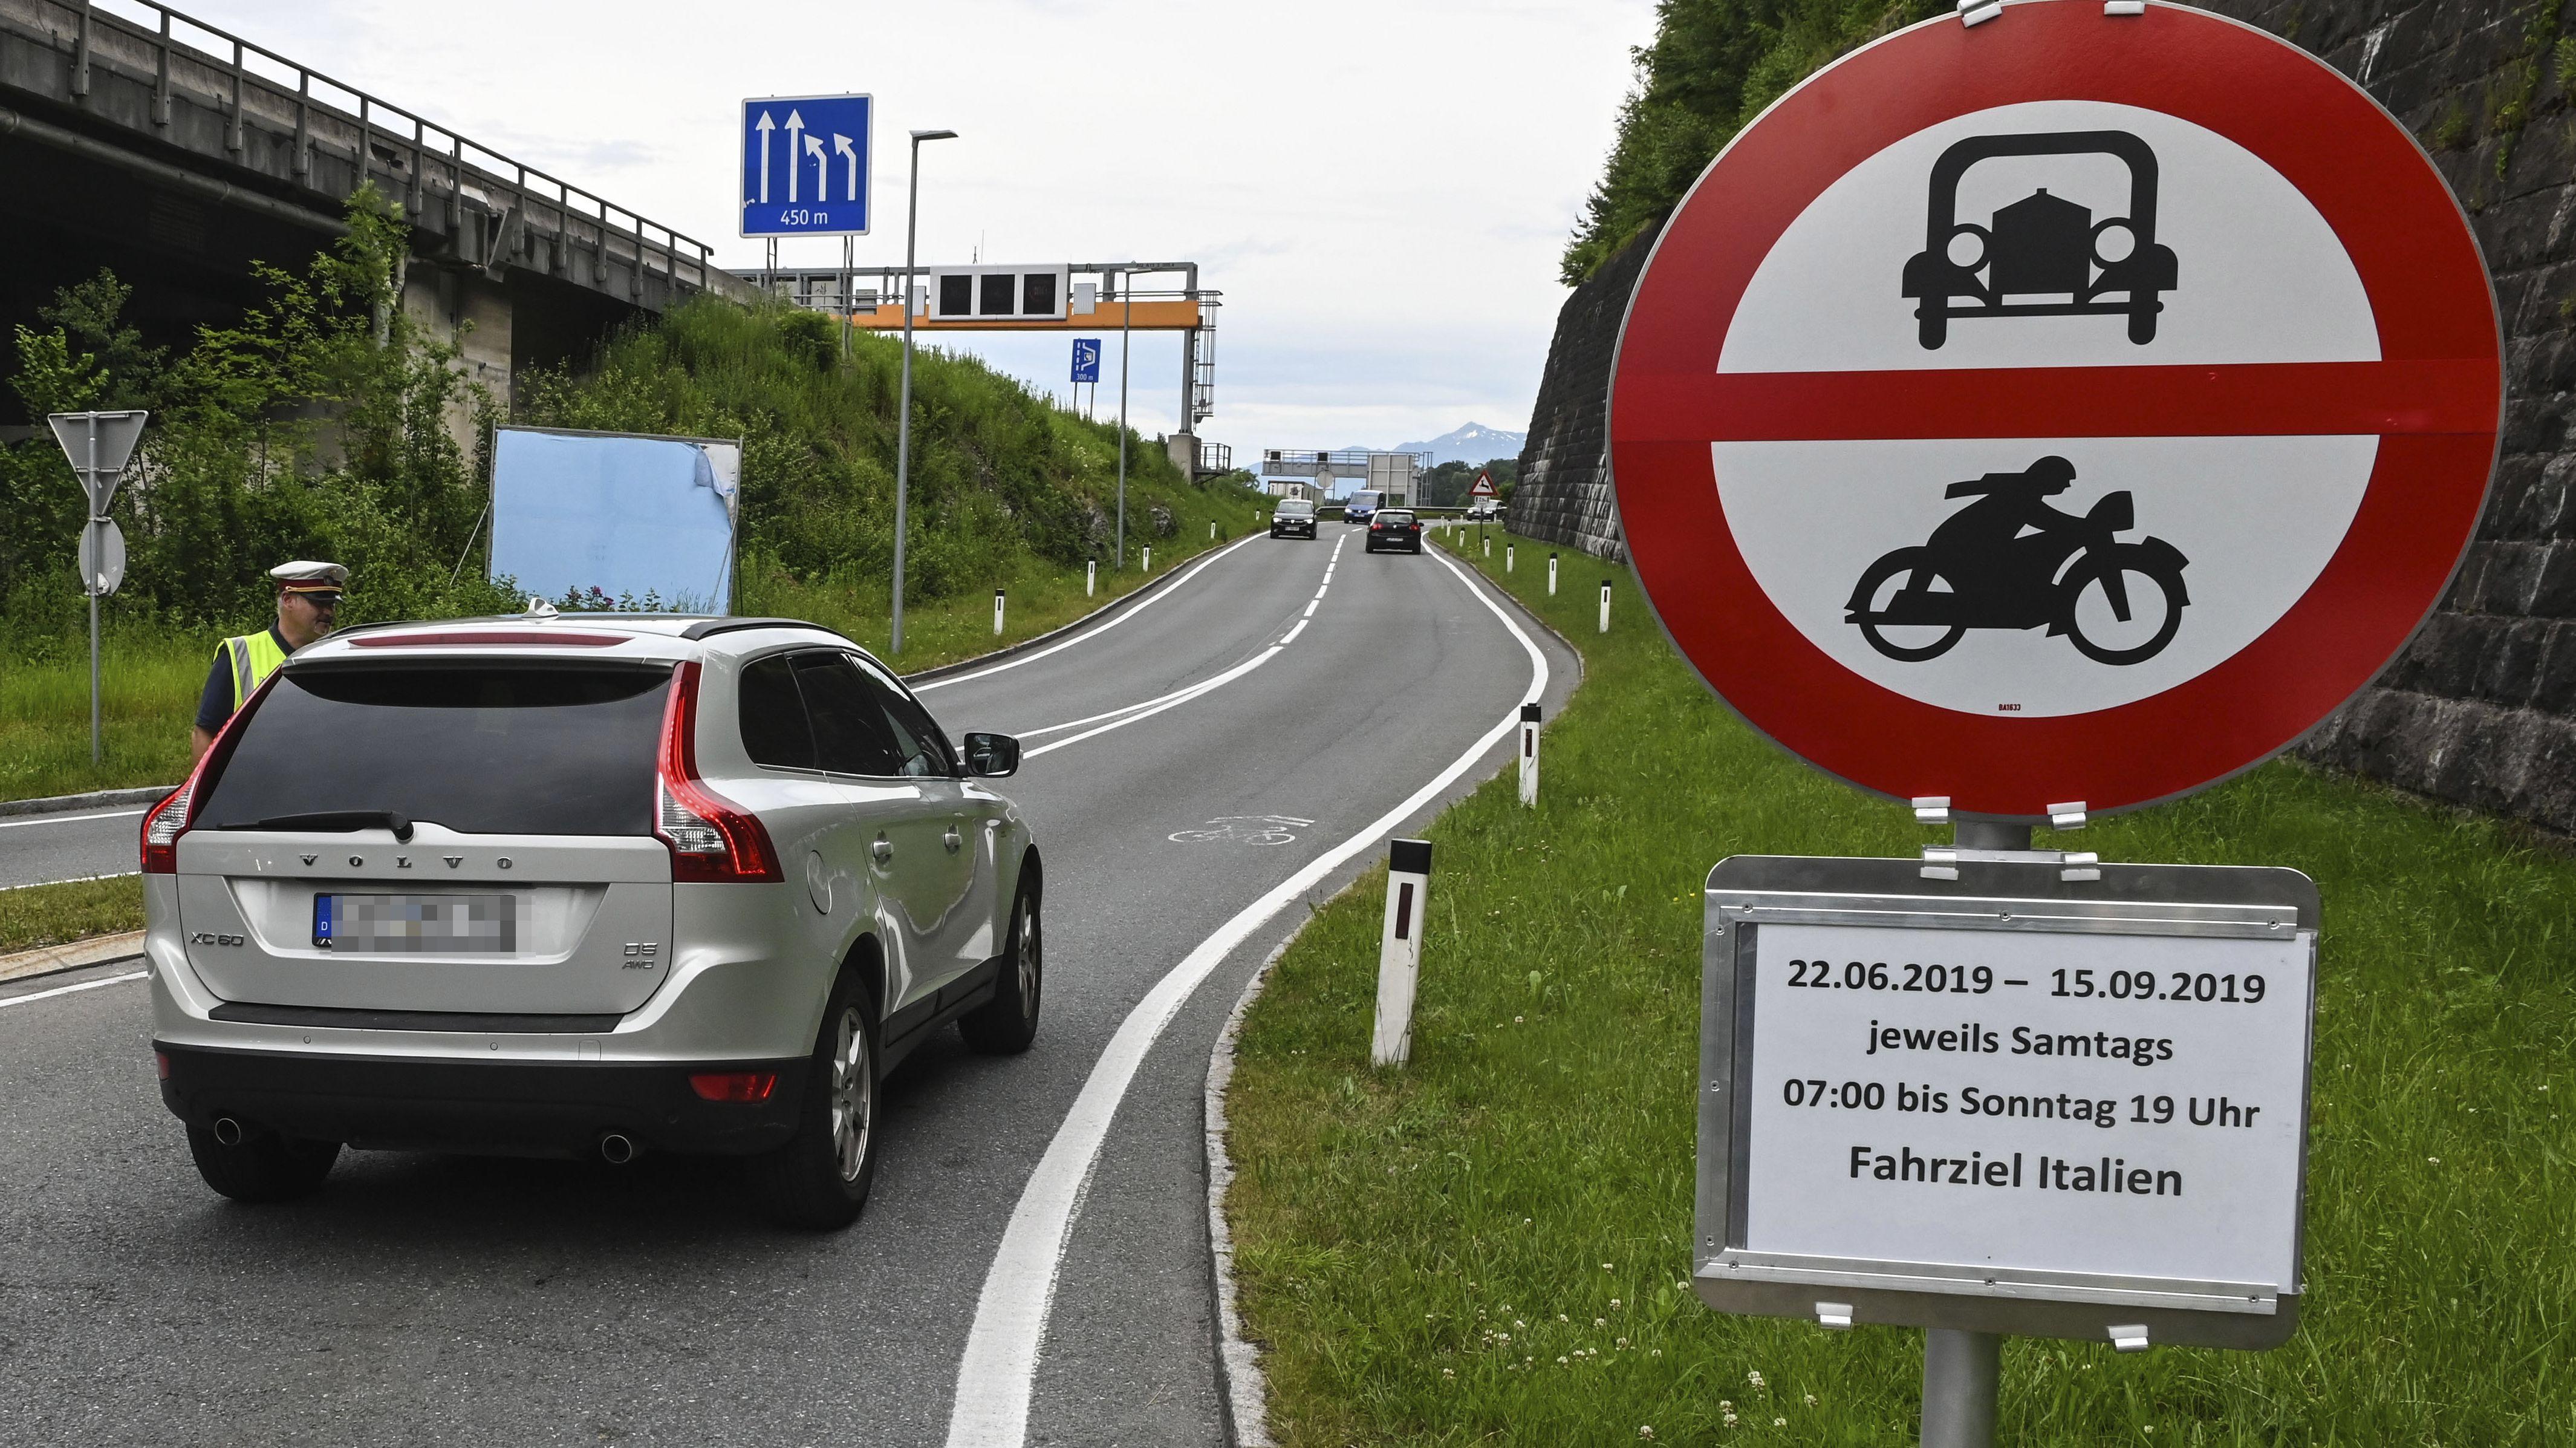 Seit Monaten setzt die Tiroler Landesregierung Fahrverbote gegen den Ausweichverkehr ein - im Bild die Situation bei Innsbruck Ende Juni 2019